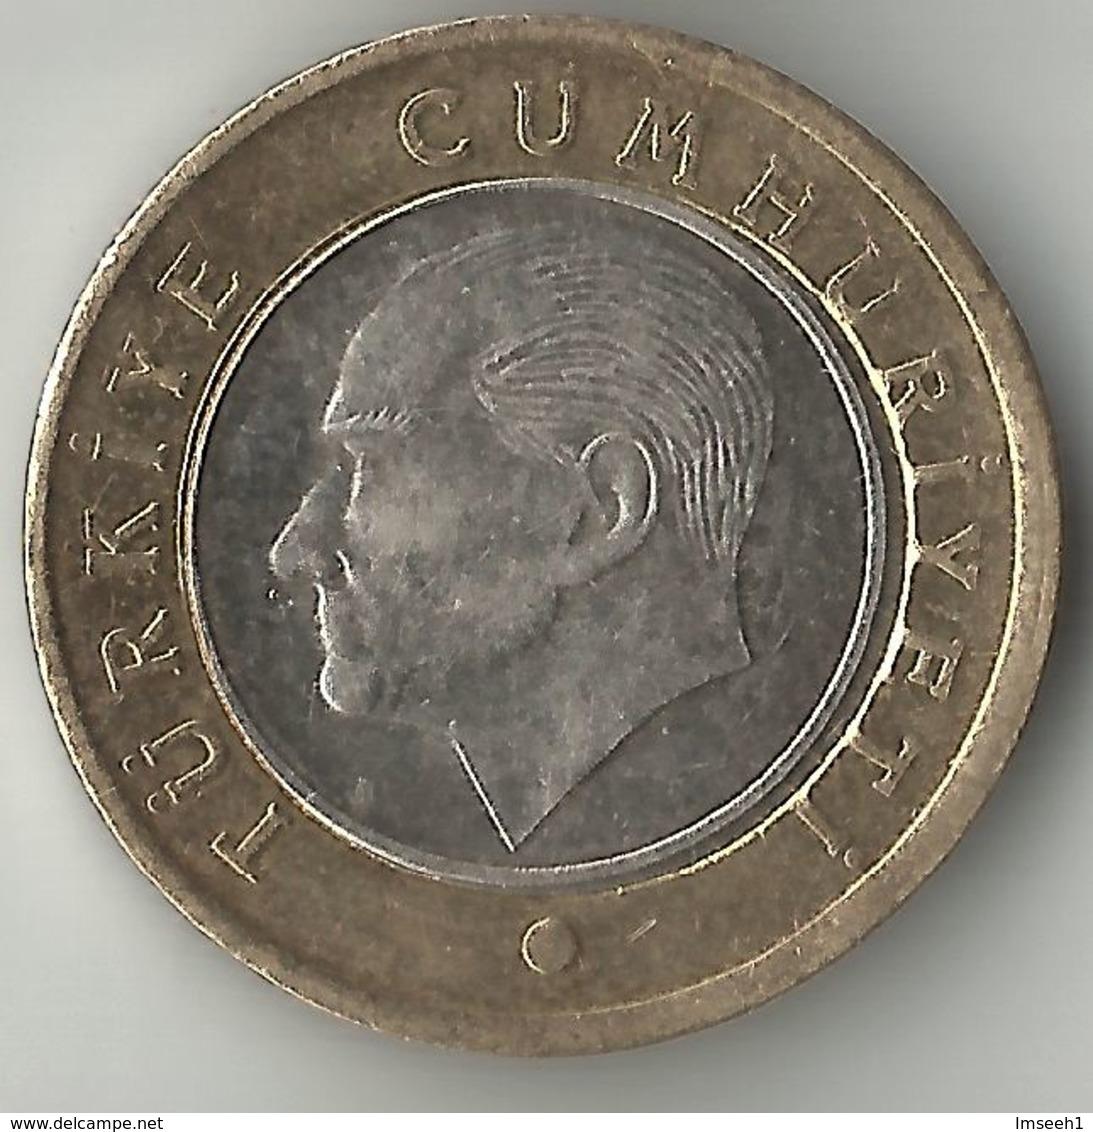 Turkey 1 Lira, 2018 - Turchia